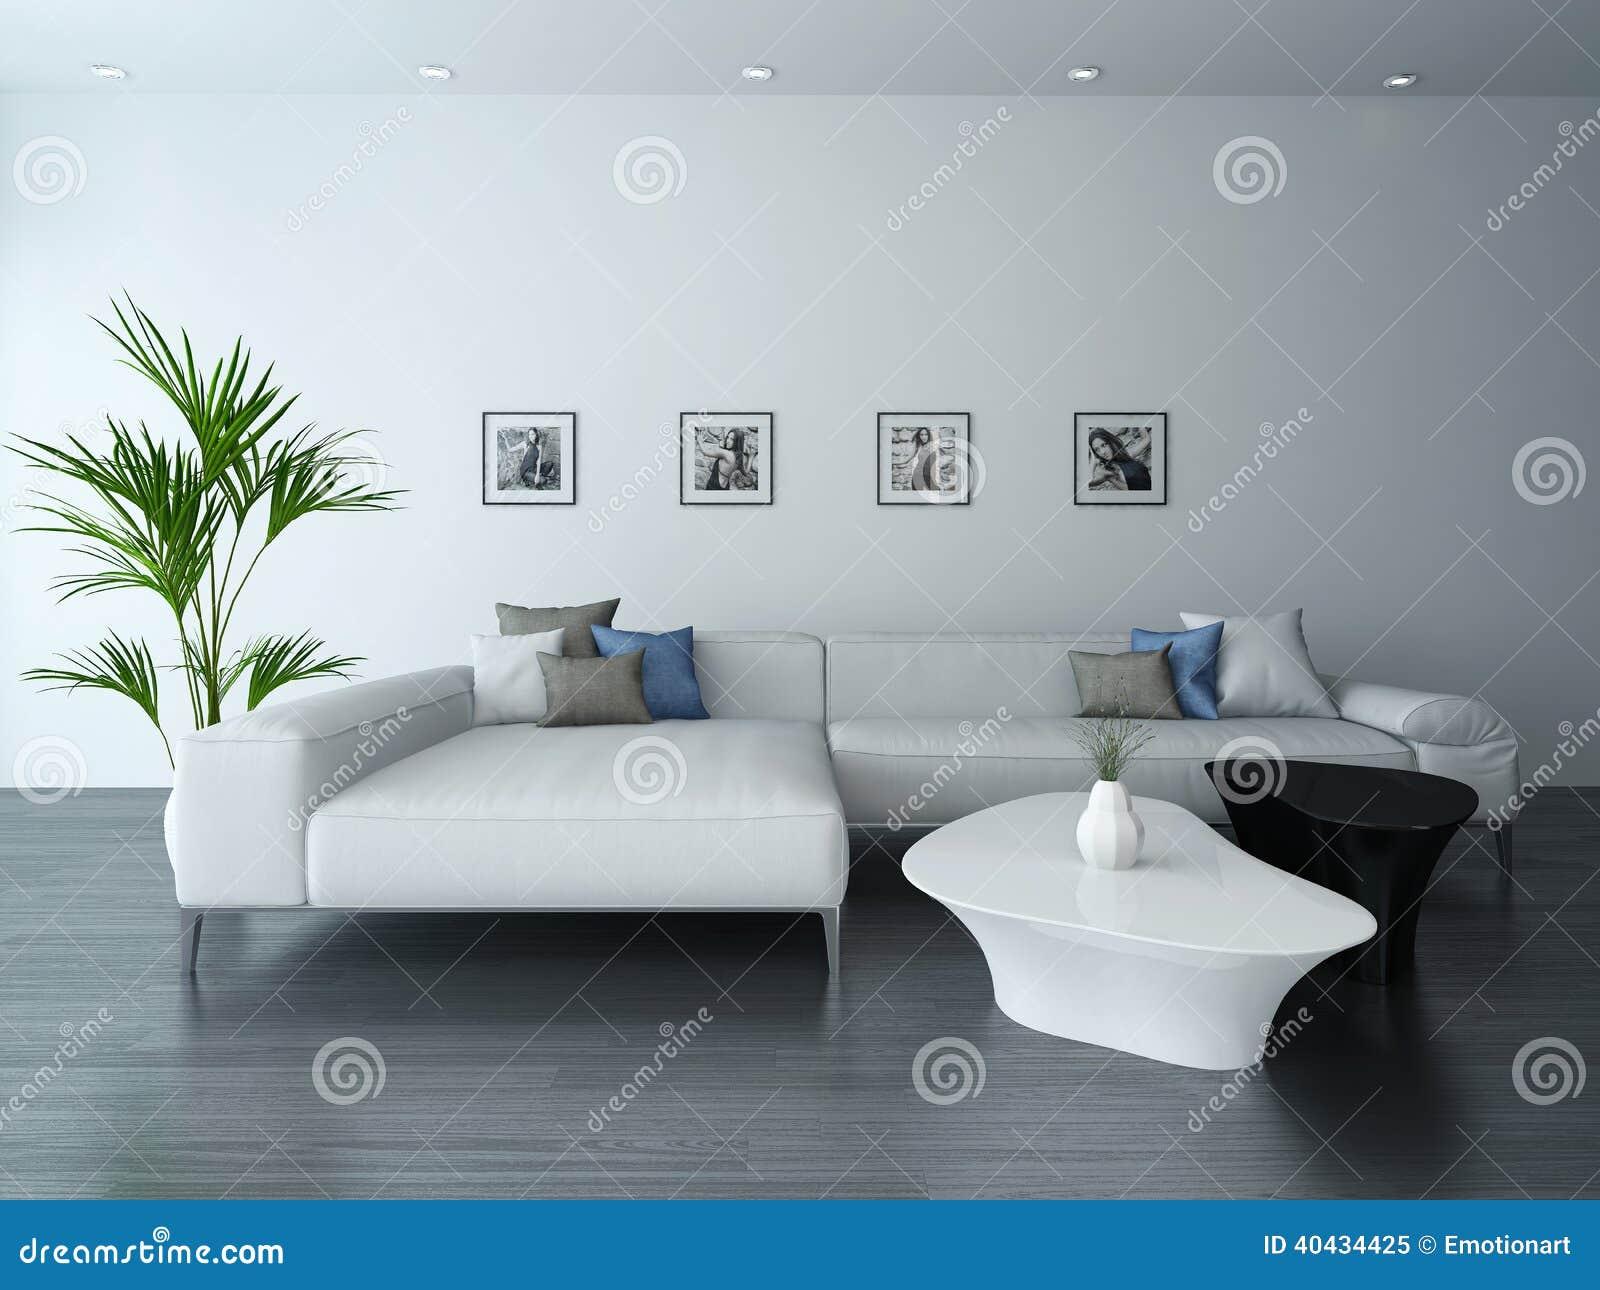 Attractive Wohnzimmer Mit Weißer Couch Und Porträts. Bequemlichkeit, Portrait. Nice Design